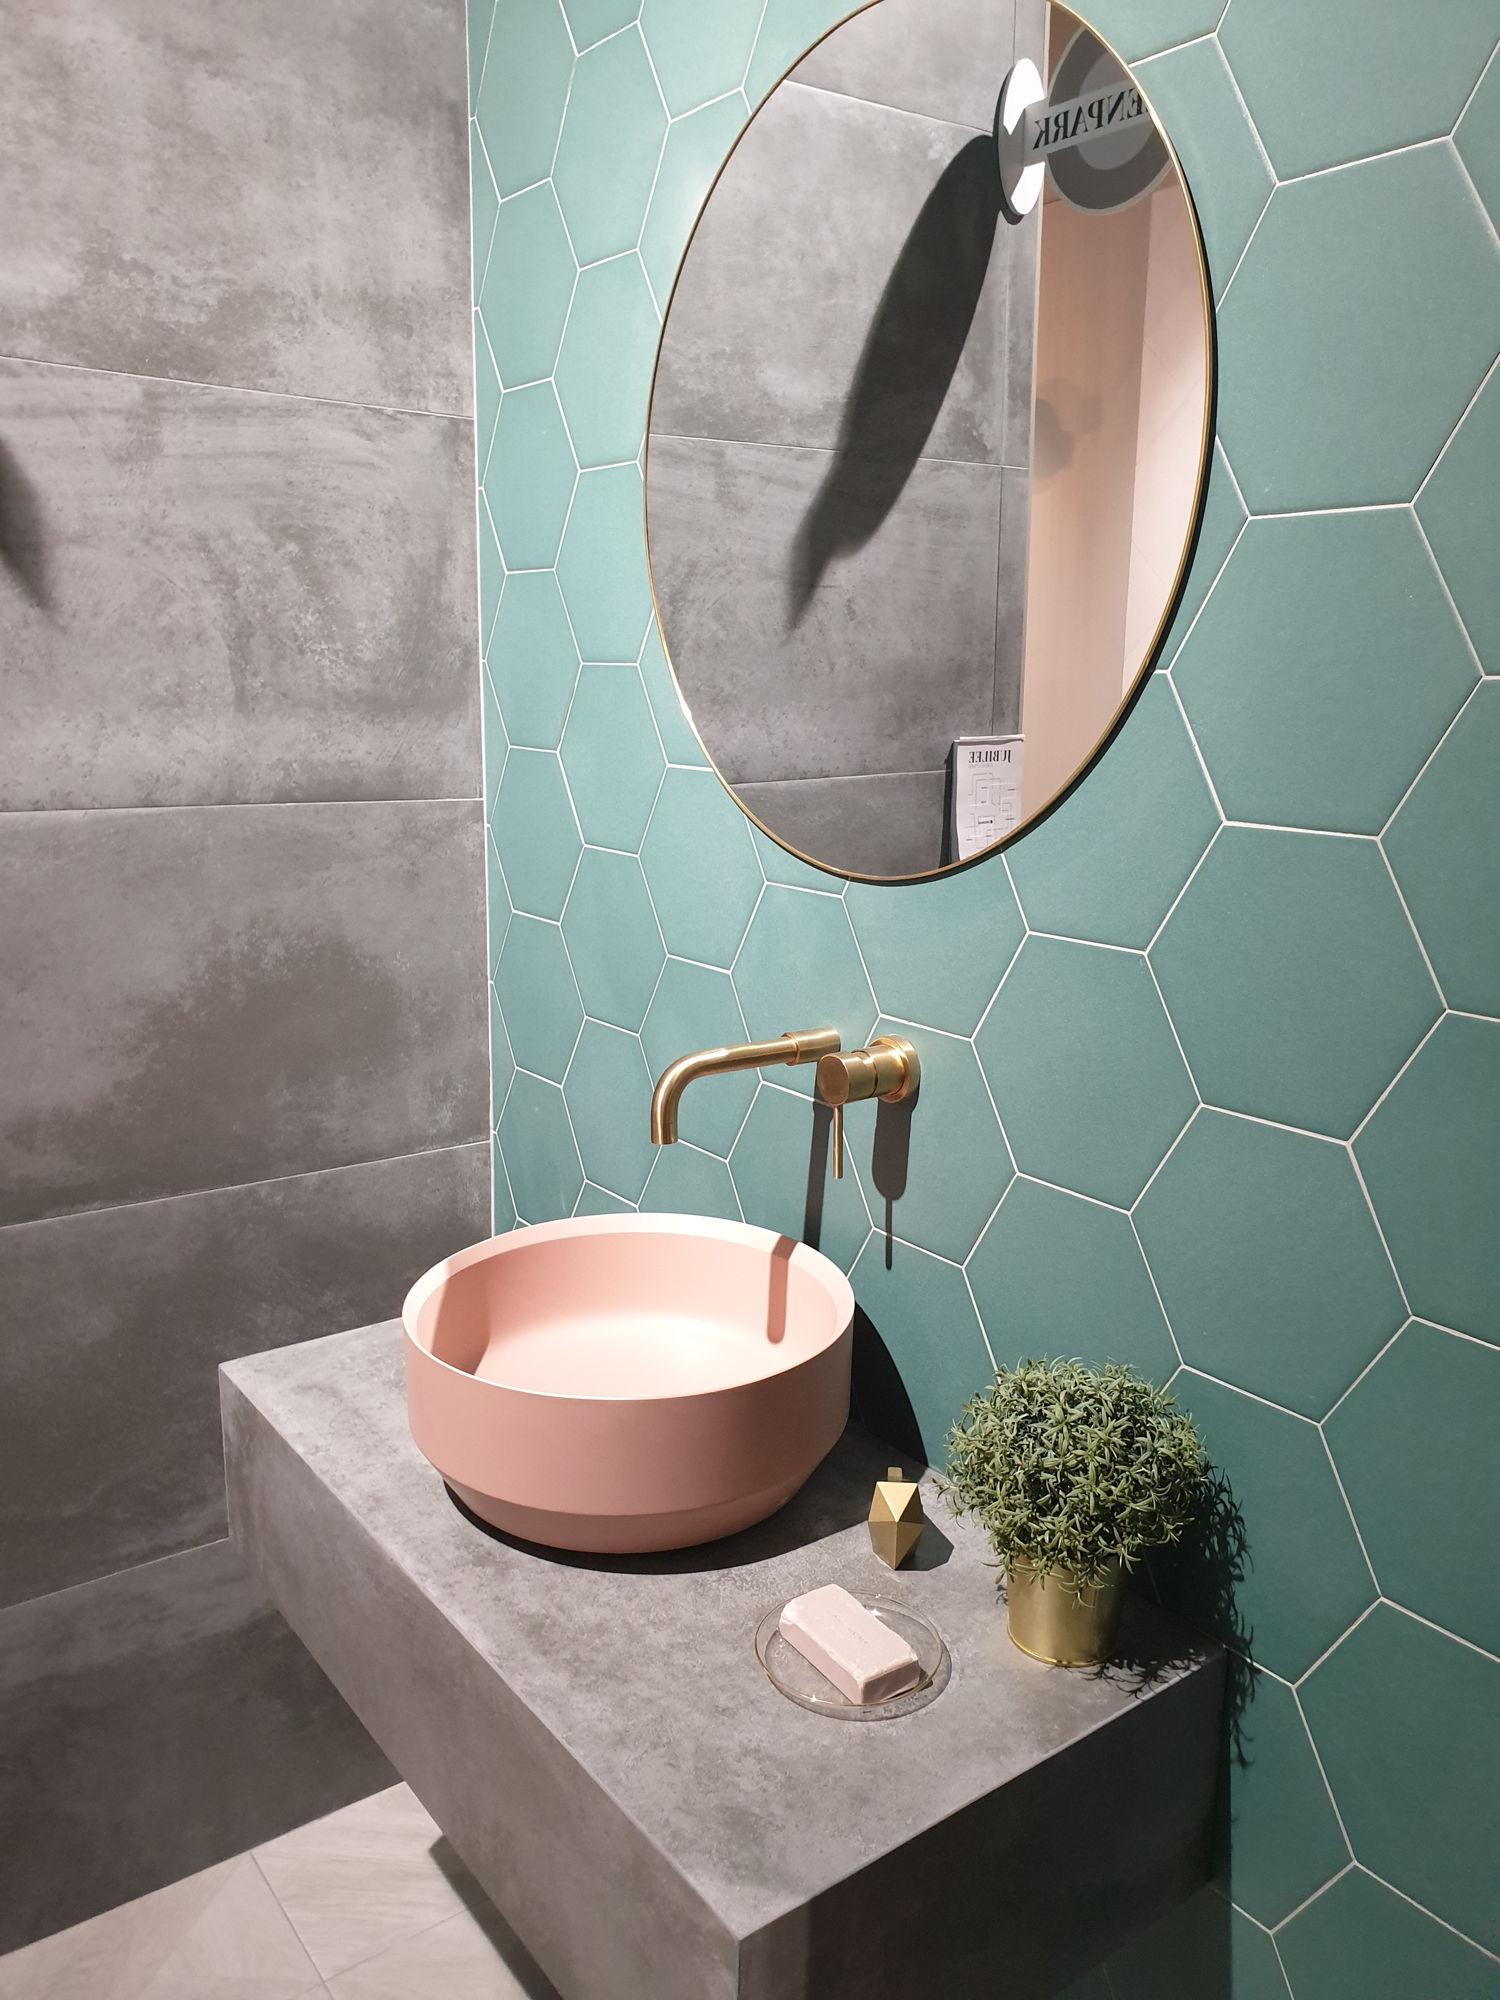 Płytki heksagony PAMESA Jubilee na ścianie w łazience